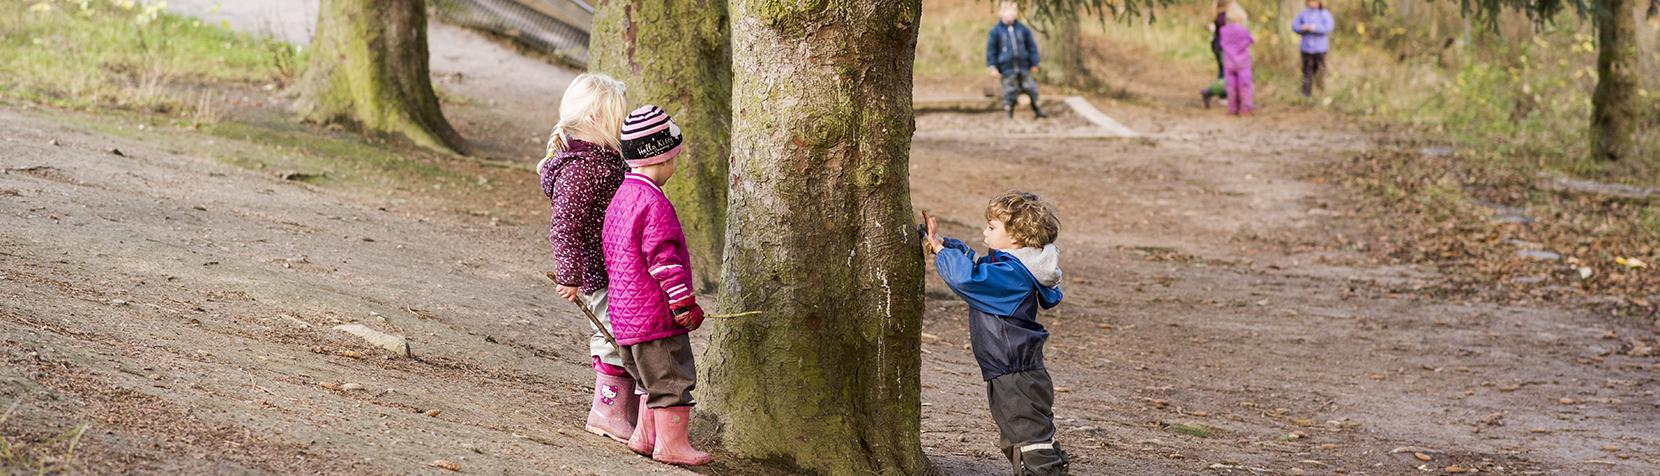 Børn leger i skoven